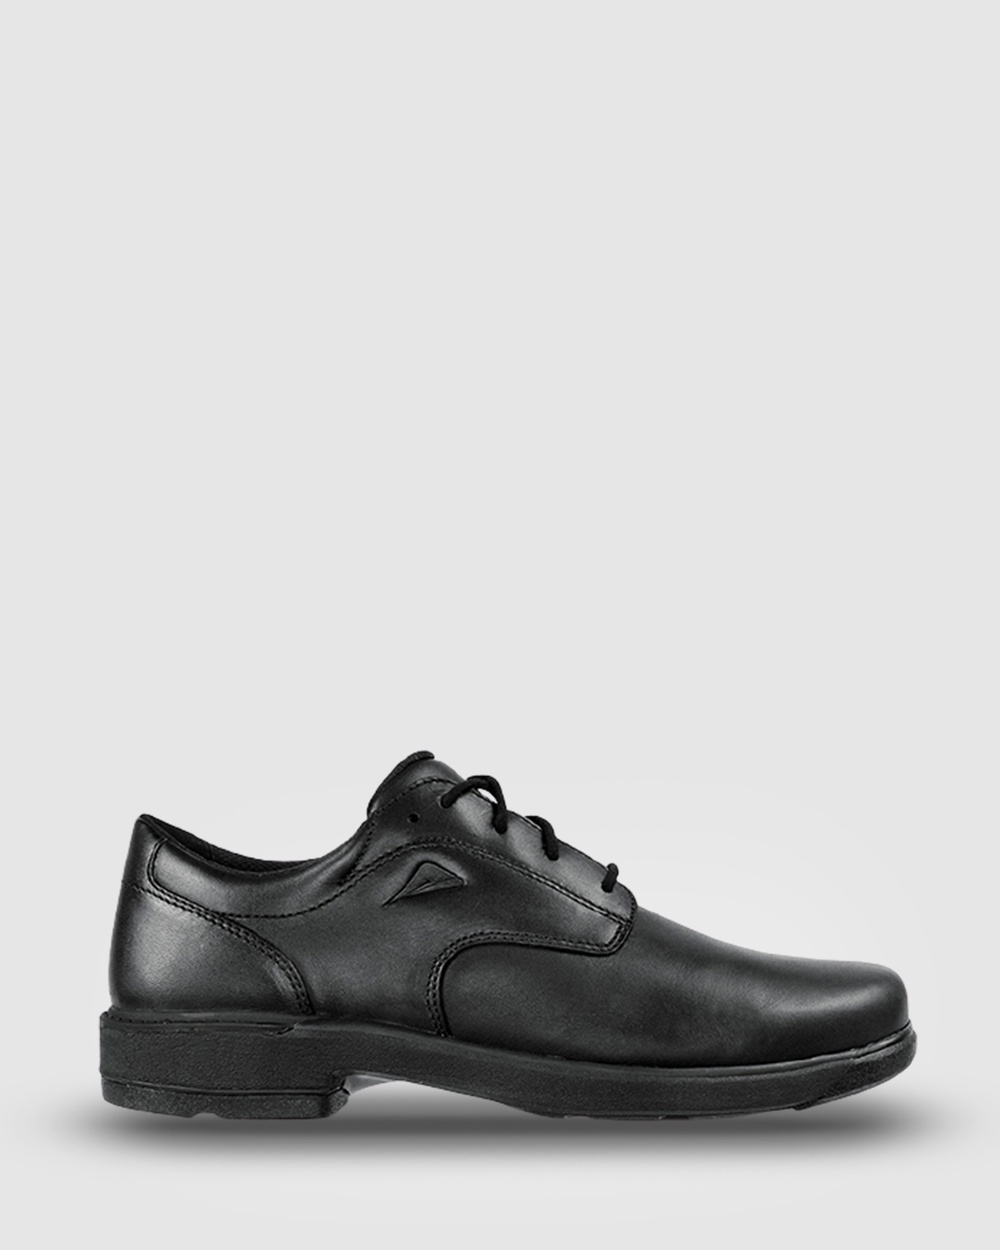 Ascent Scholar 2E Width School Shoes Black Australia